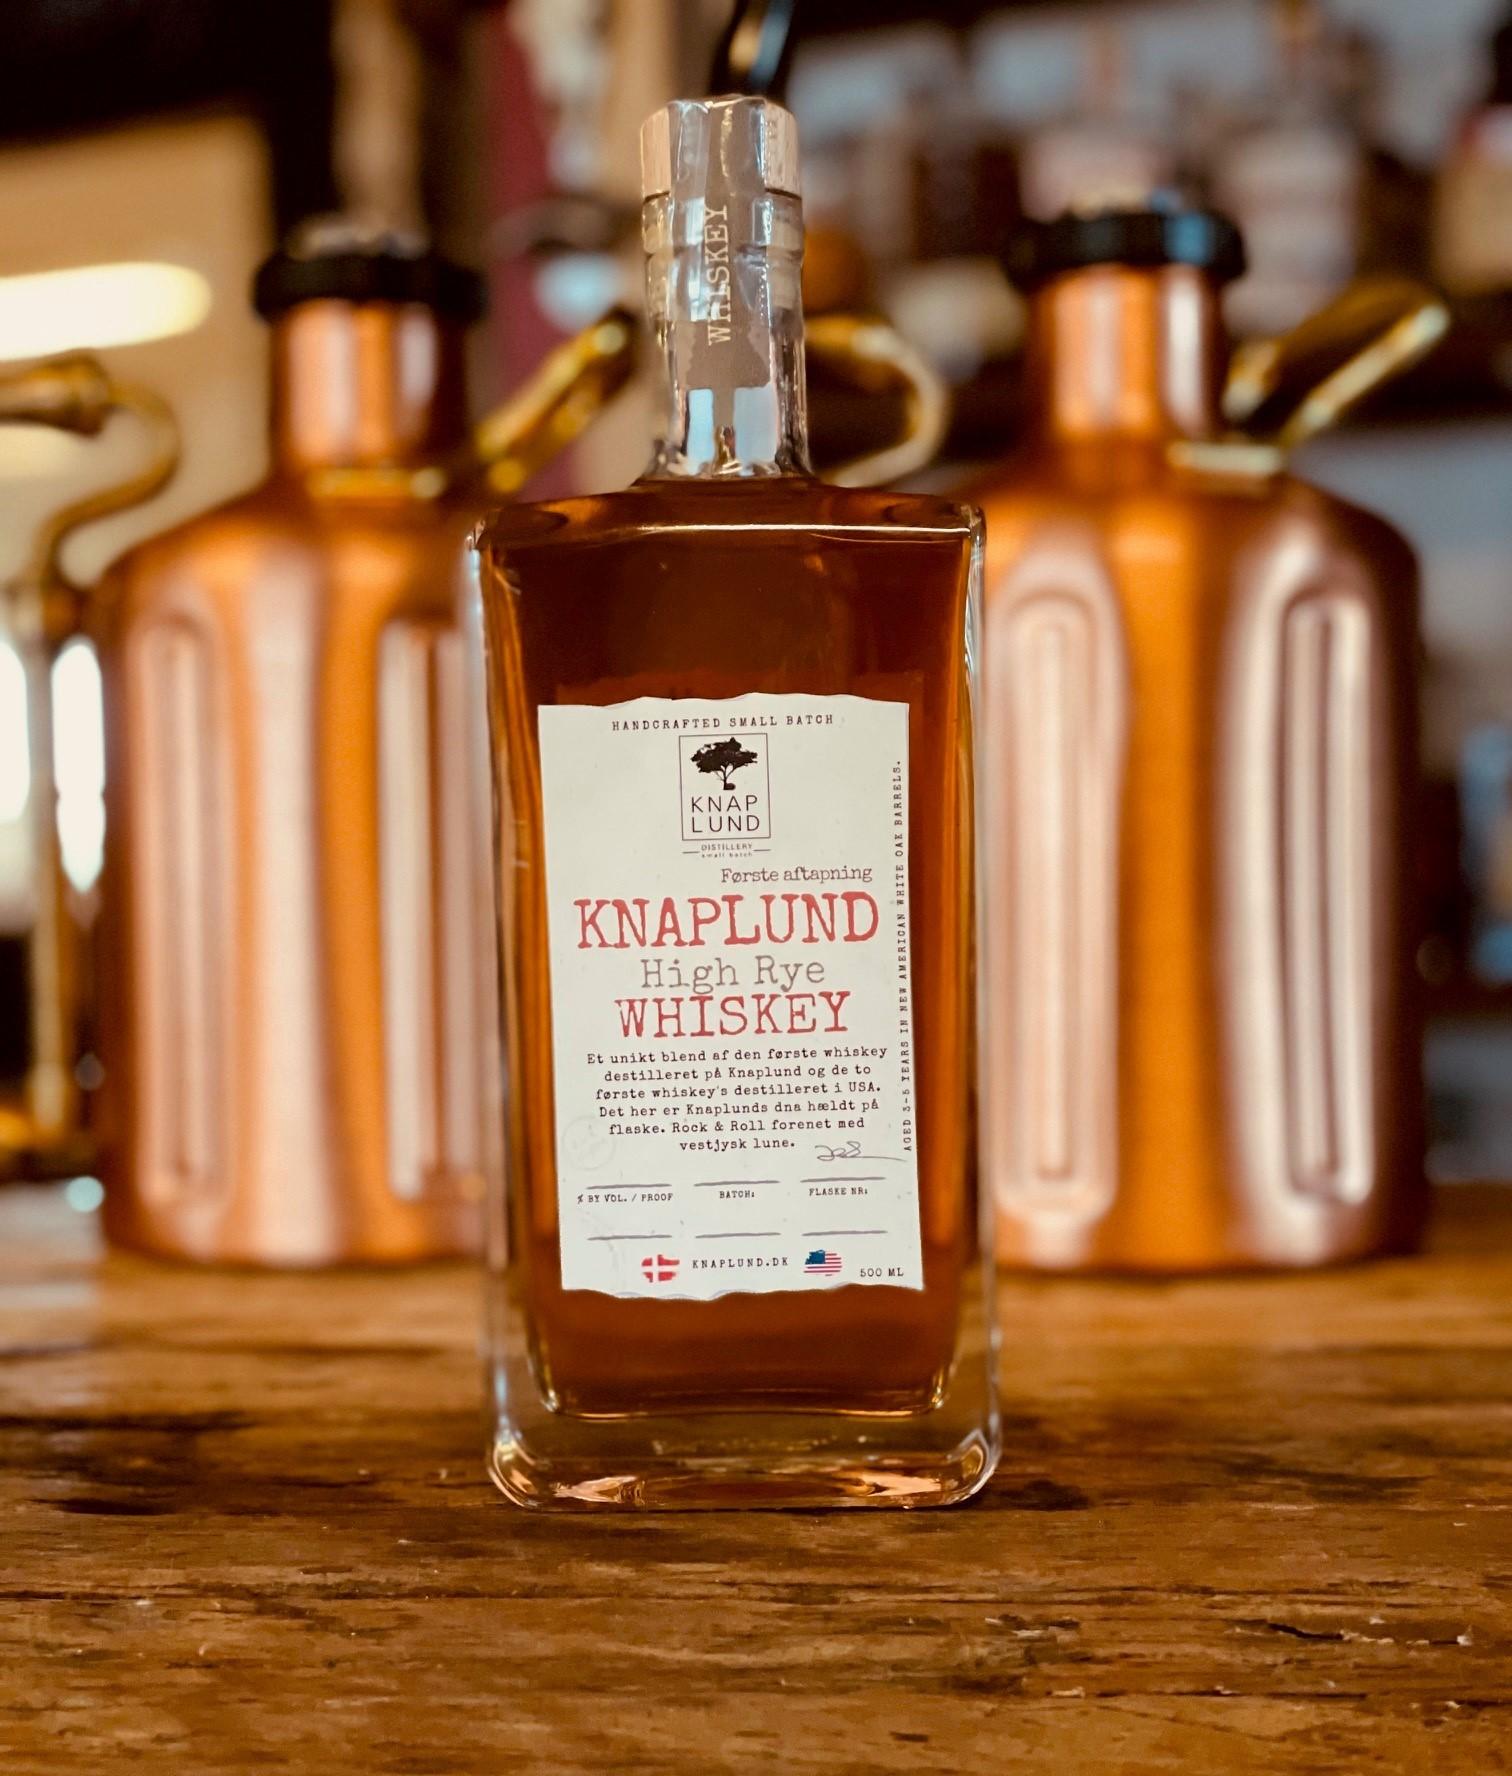 Knaplund High Rye Whiskey | Batch KHR 01 50%